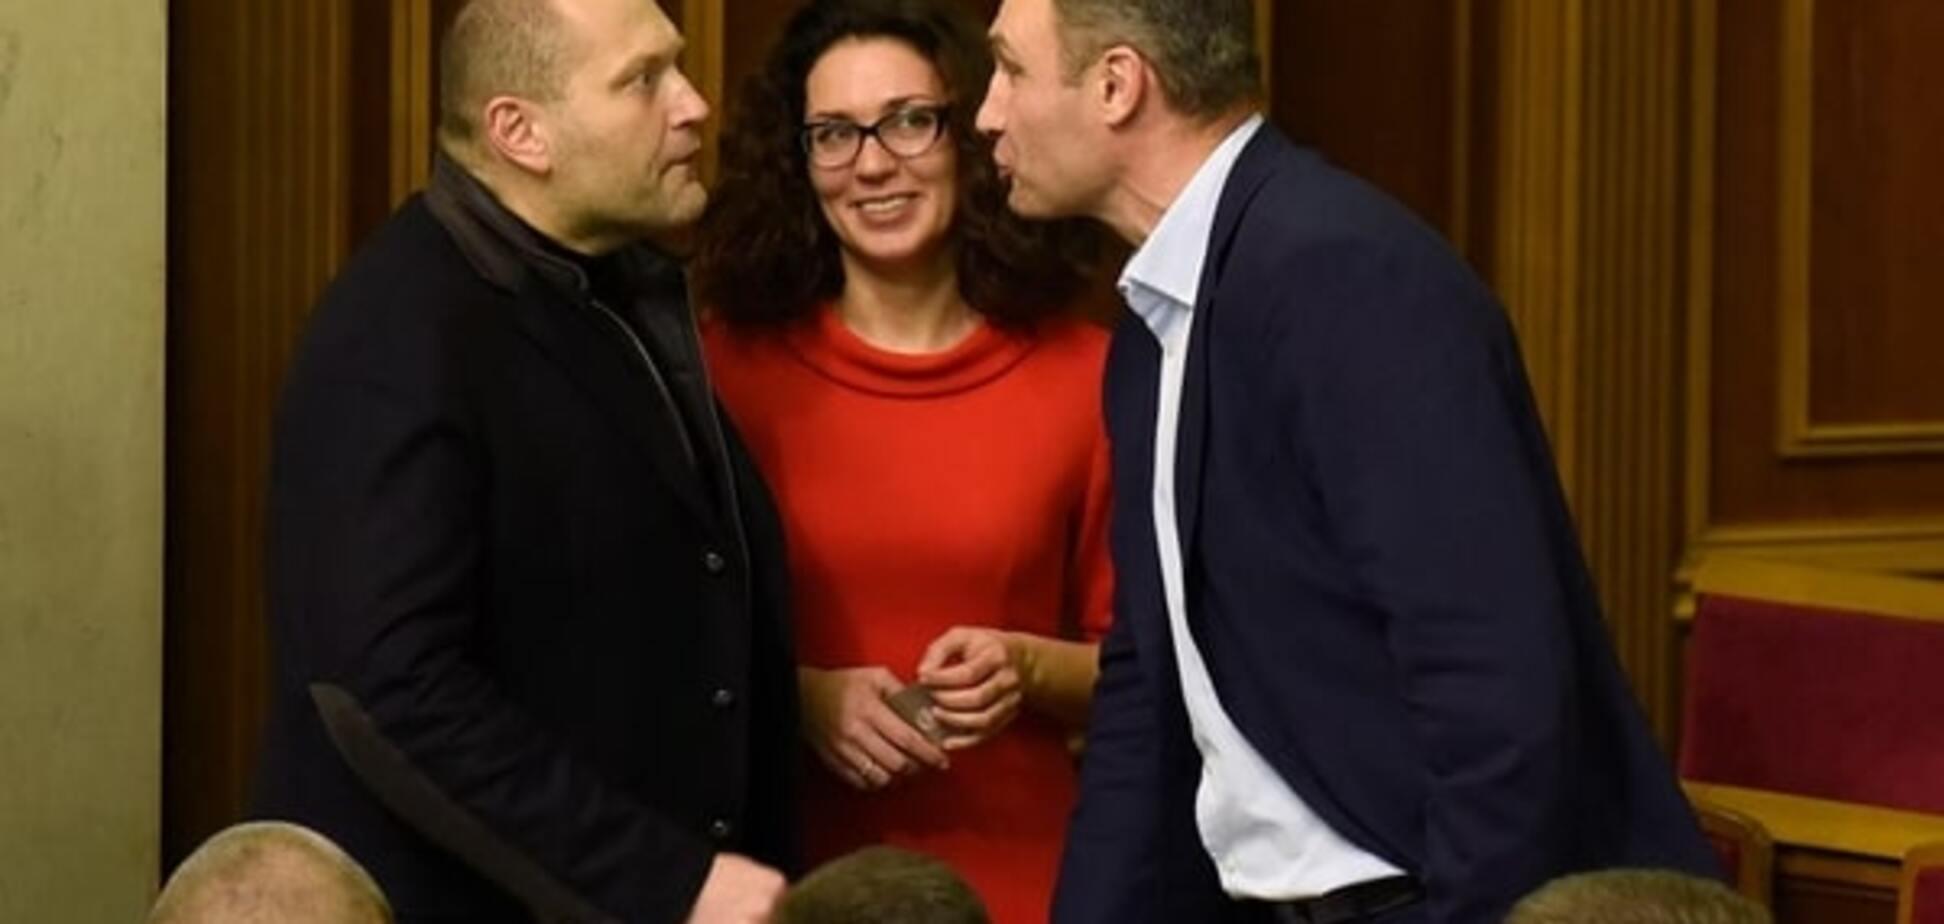 Кличко и Береза 'дебатировали' в Раде кулаками, улыбками и даже губками-уточками